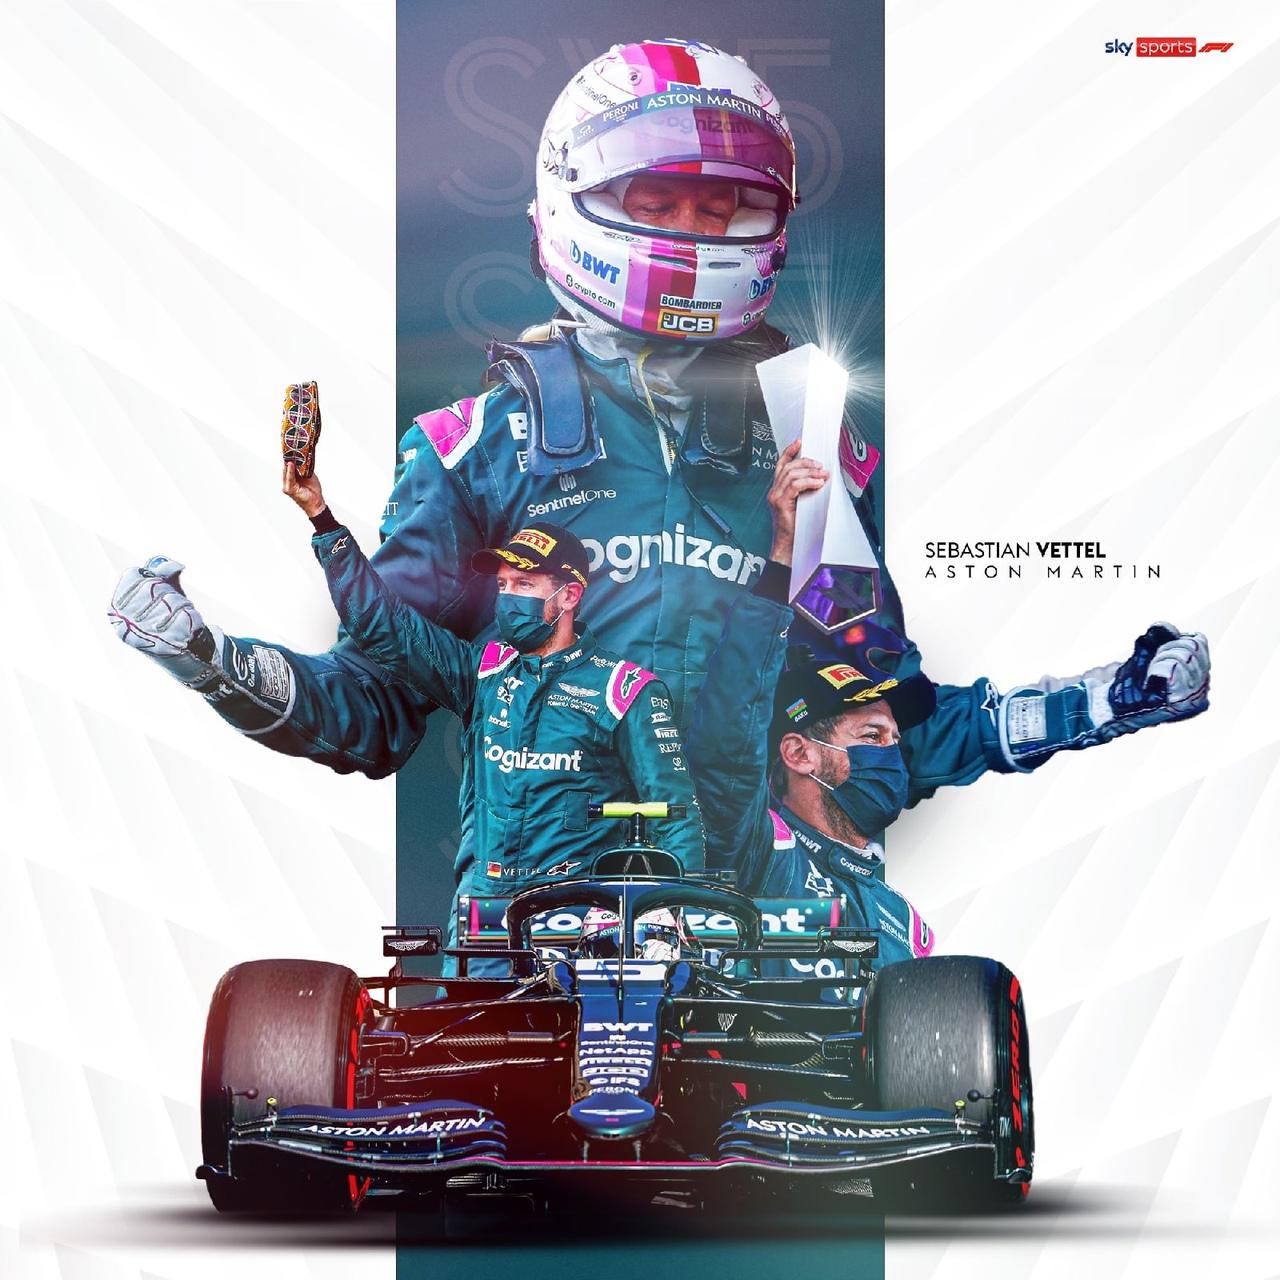 S. Vettel, Sky Sports poster